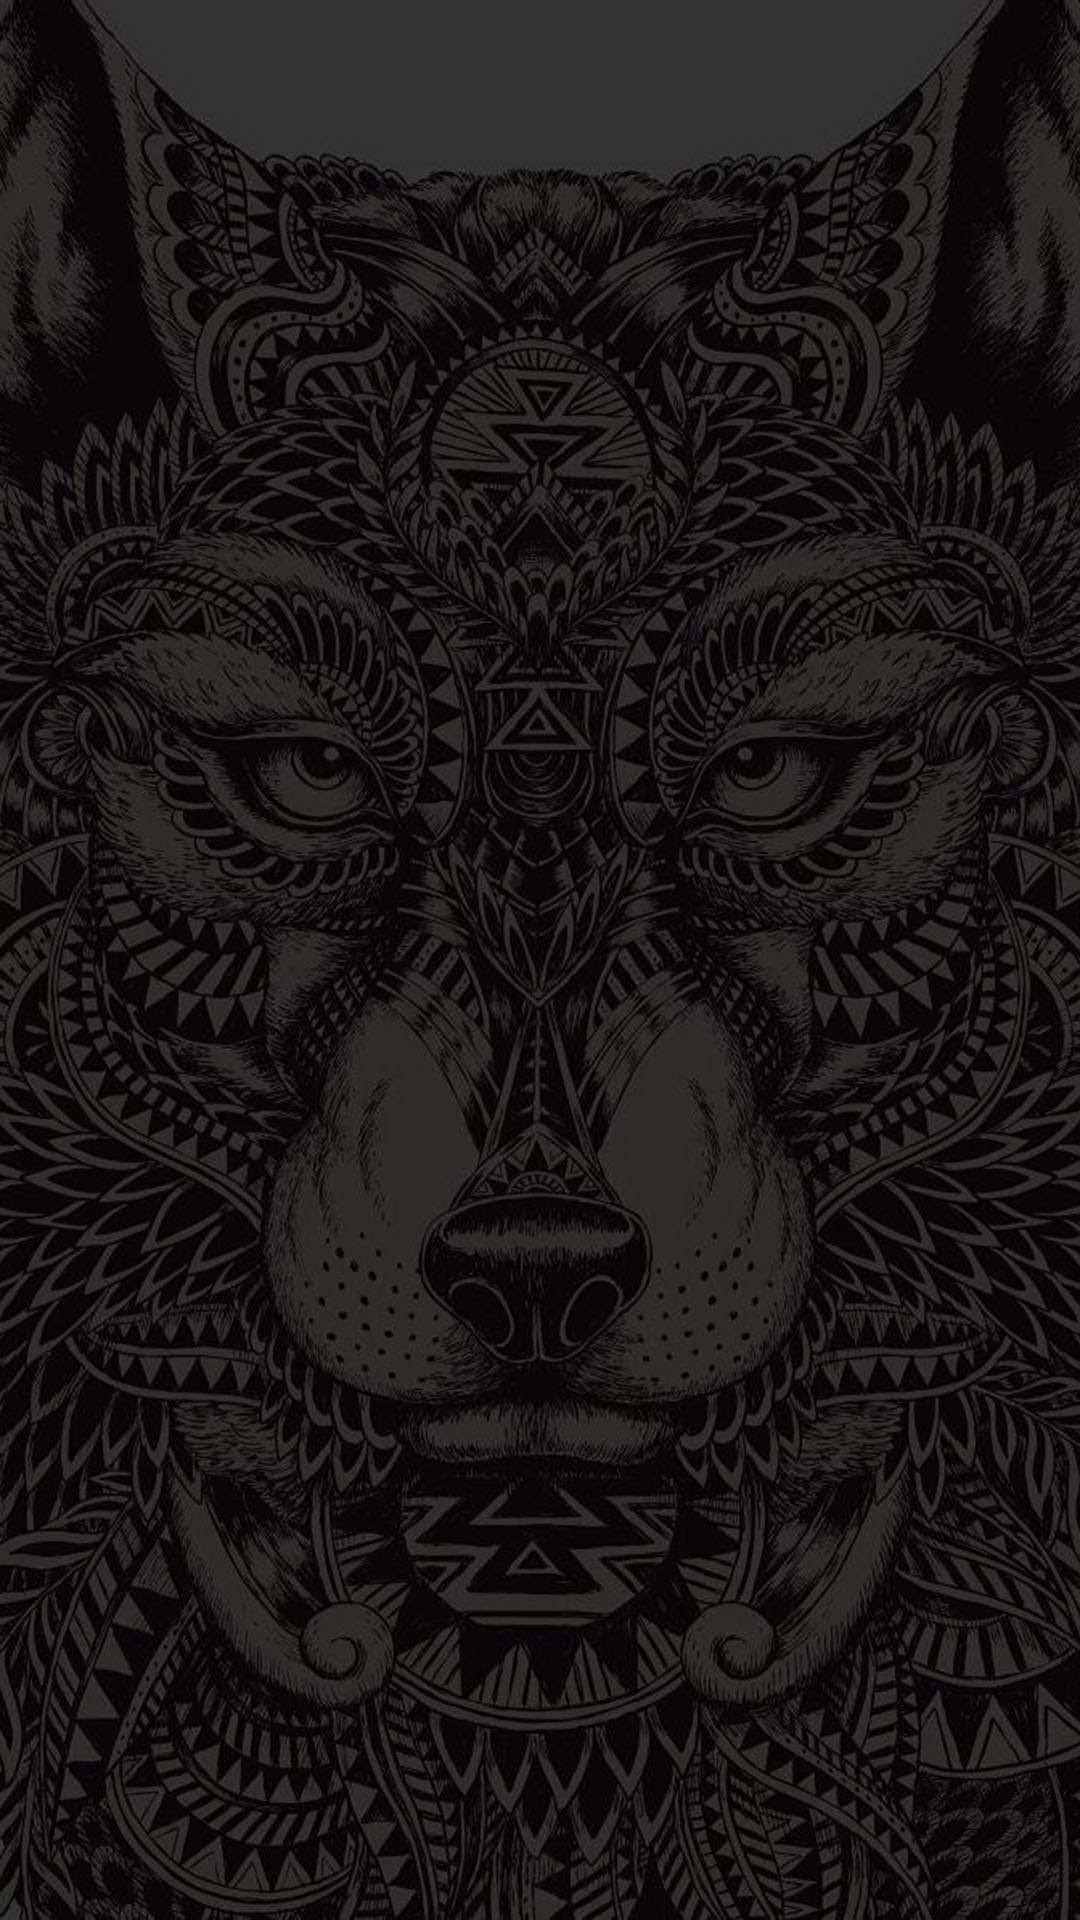 Unduh 5000 Wallpaper Black Tribal HD Gratis